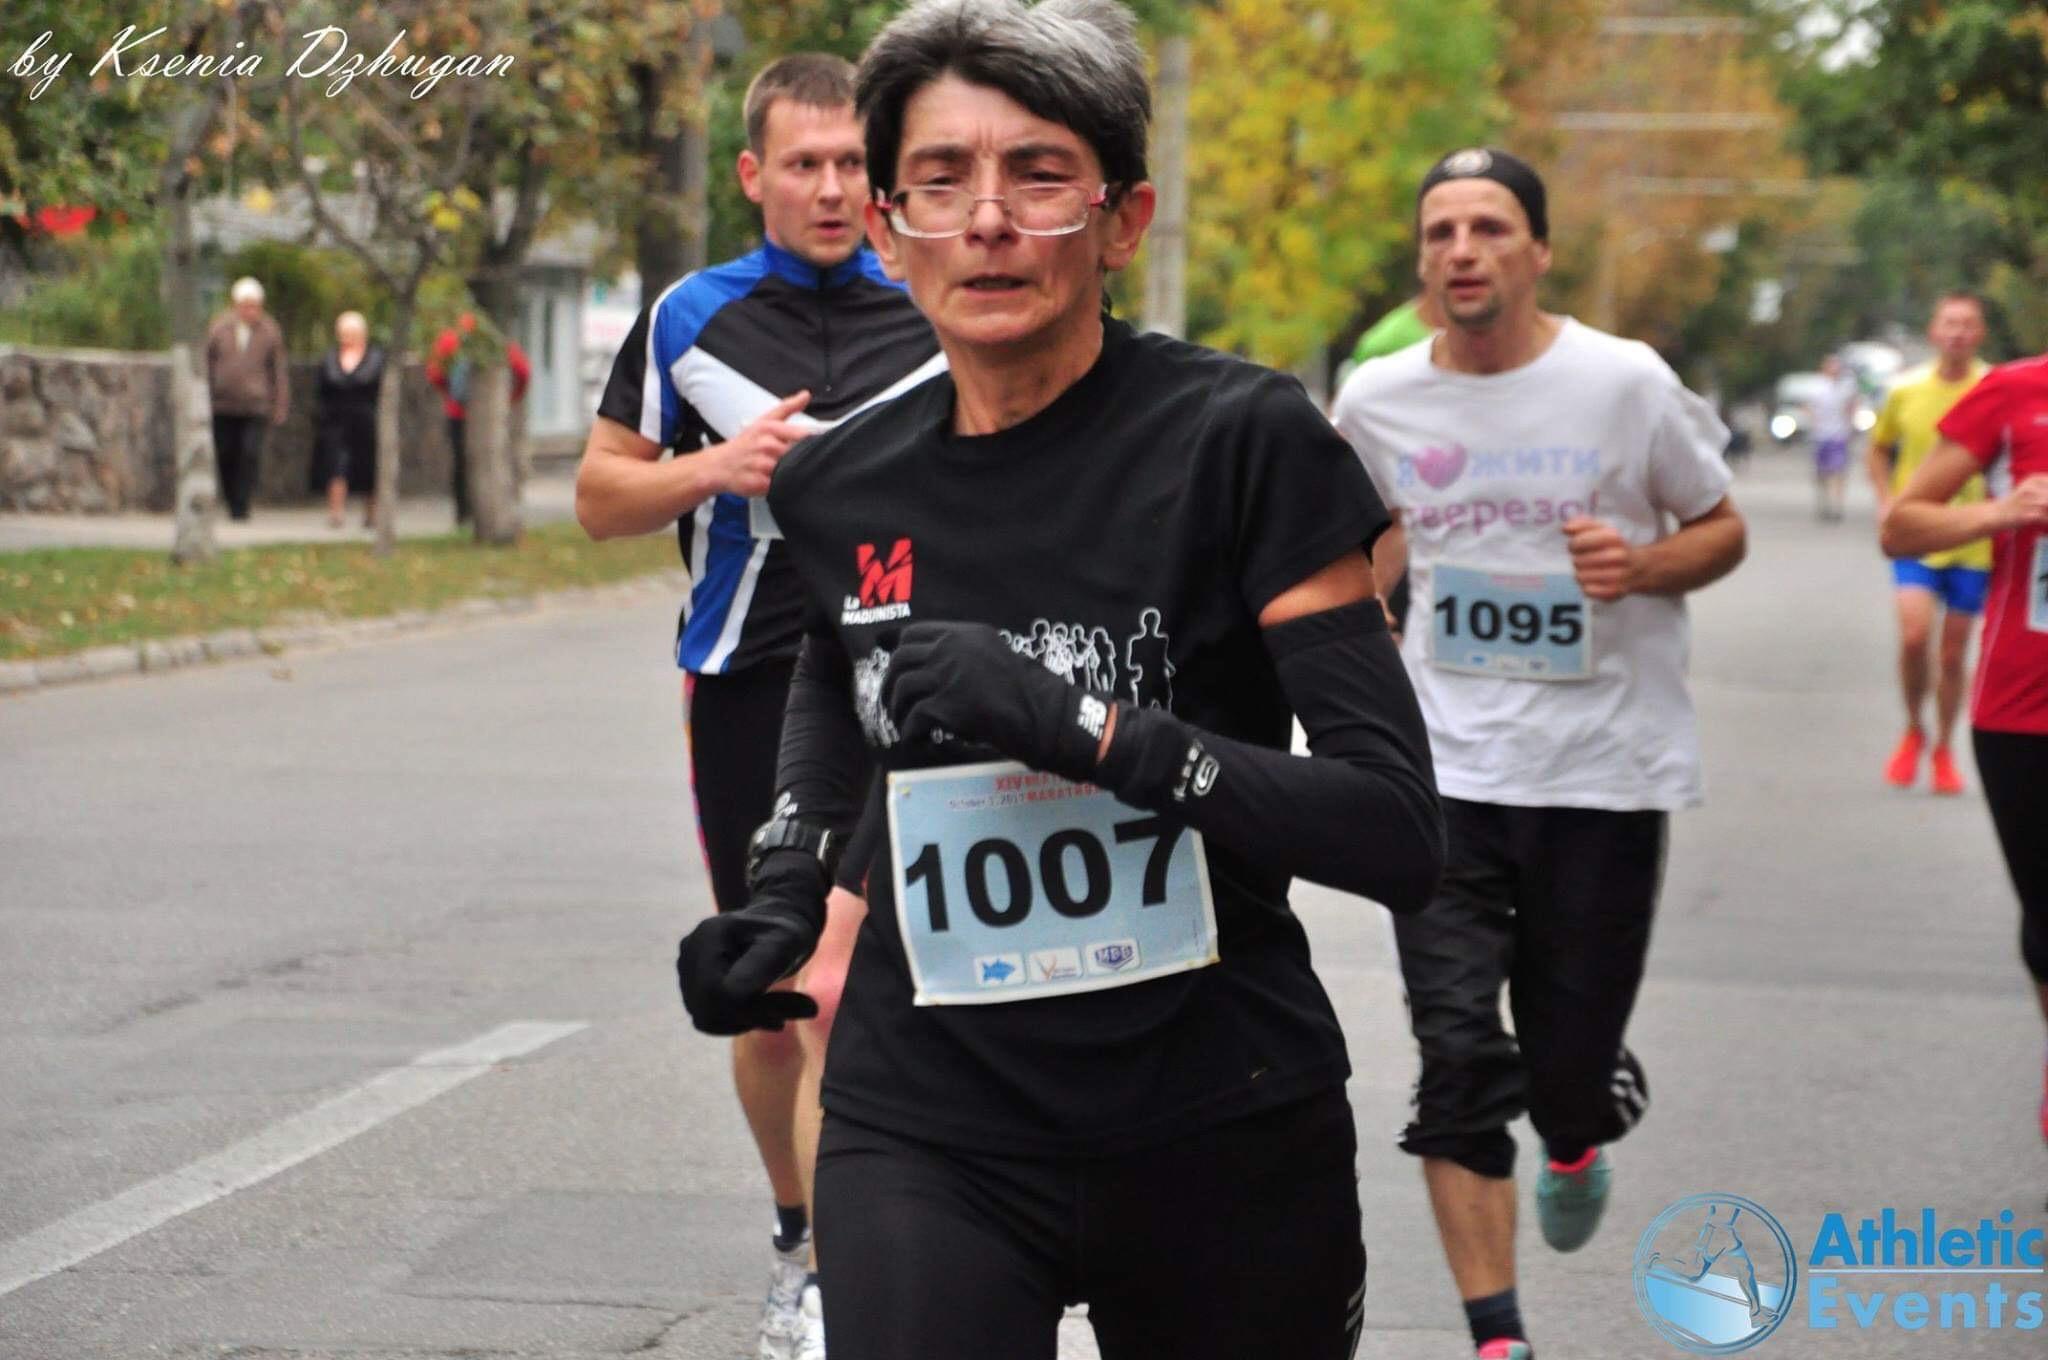 Истории о женщинах, которые бегают в зрелом возрасте: Татьяна Любченко